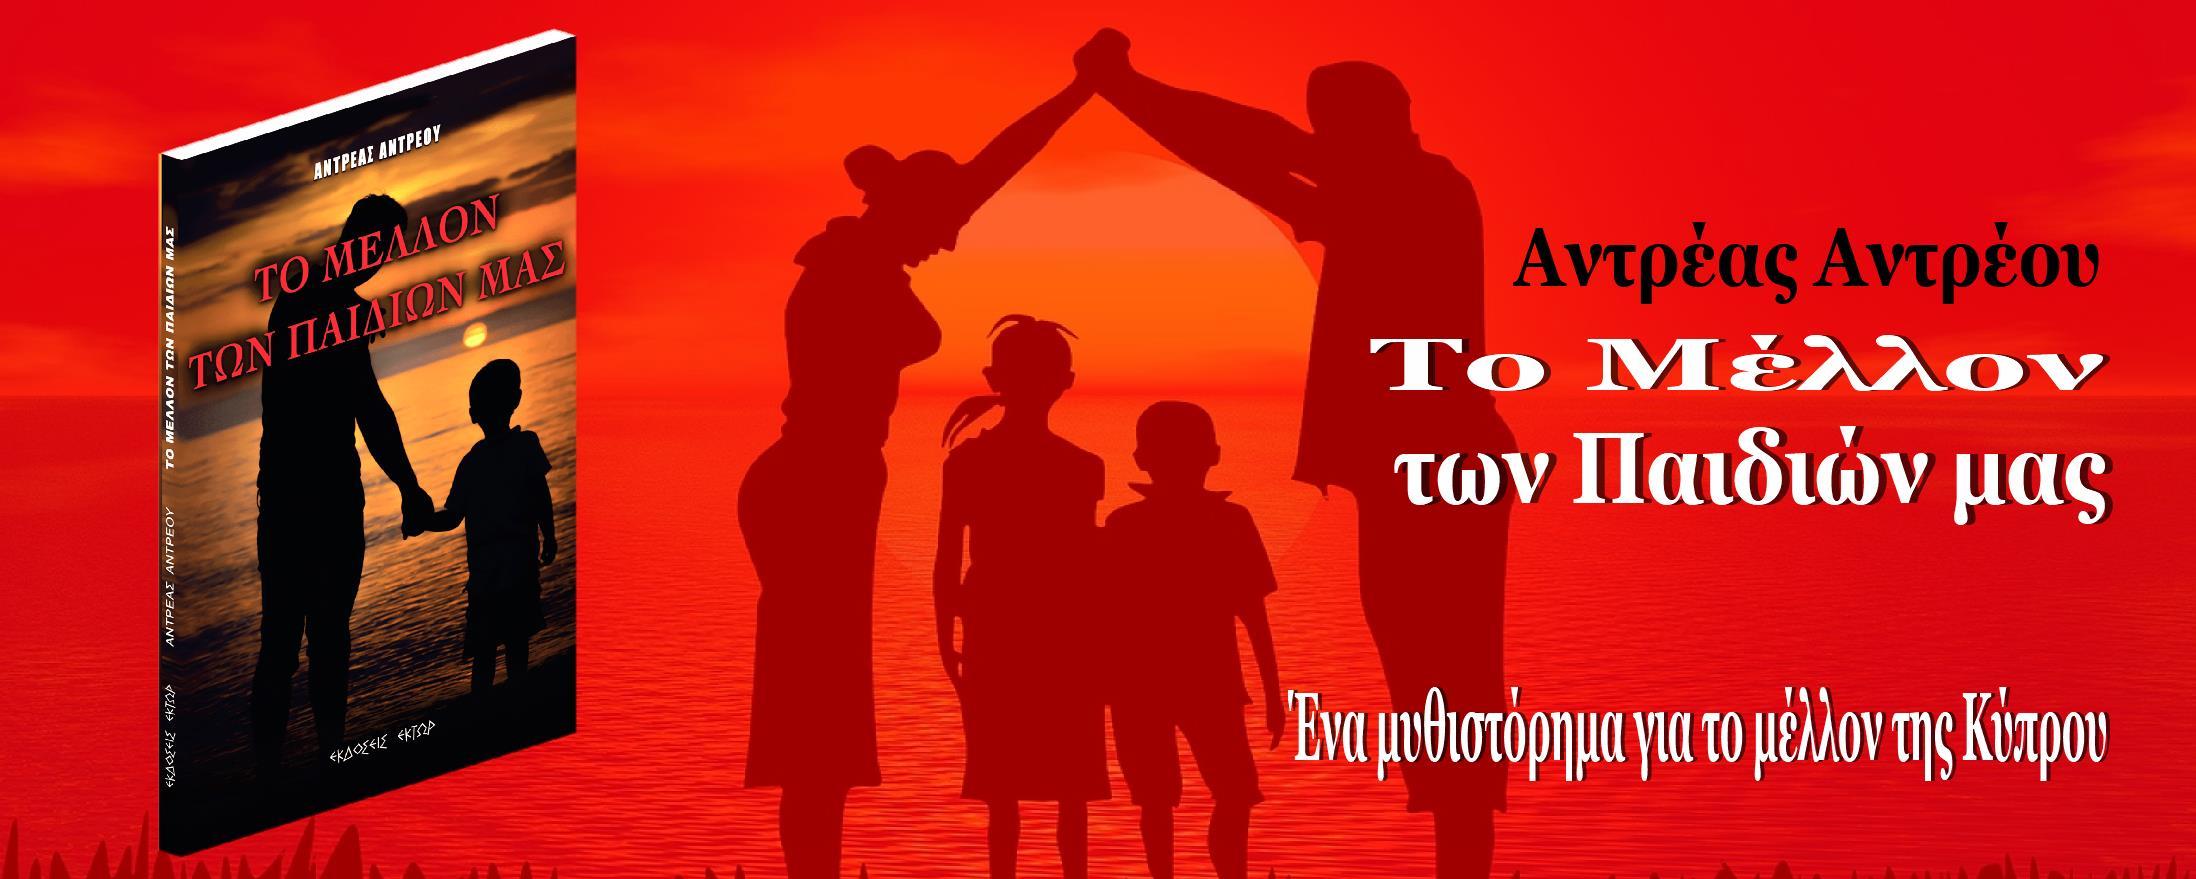 Μόλις κυκλοφόρησε: «Το μέλλον των παιδιών μας», ένα μυθιστόρημα για την Κύπρο